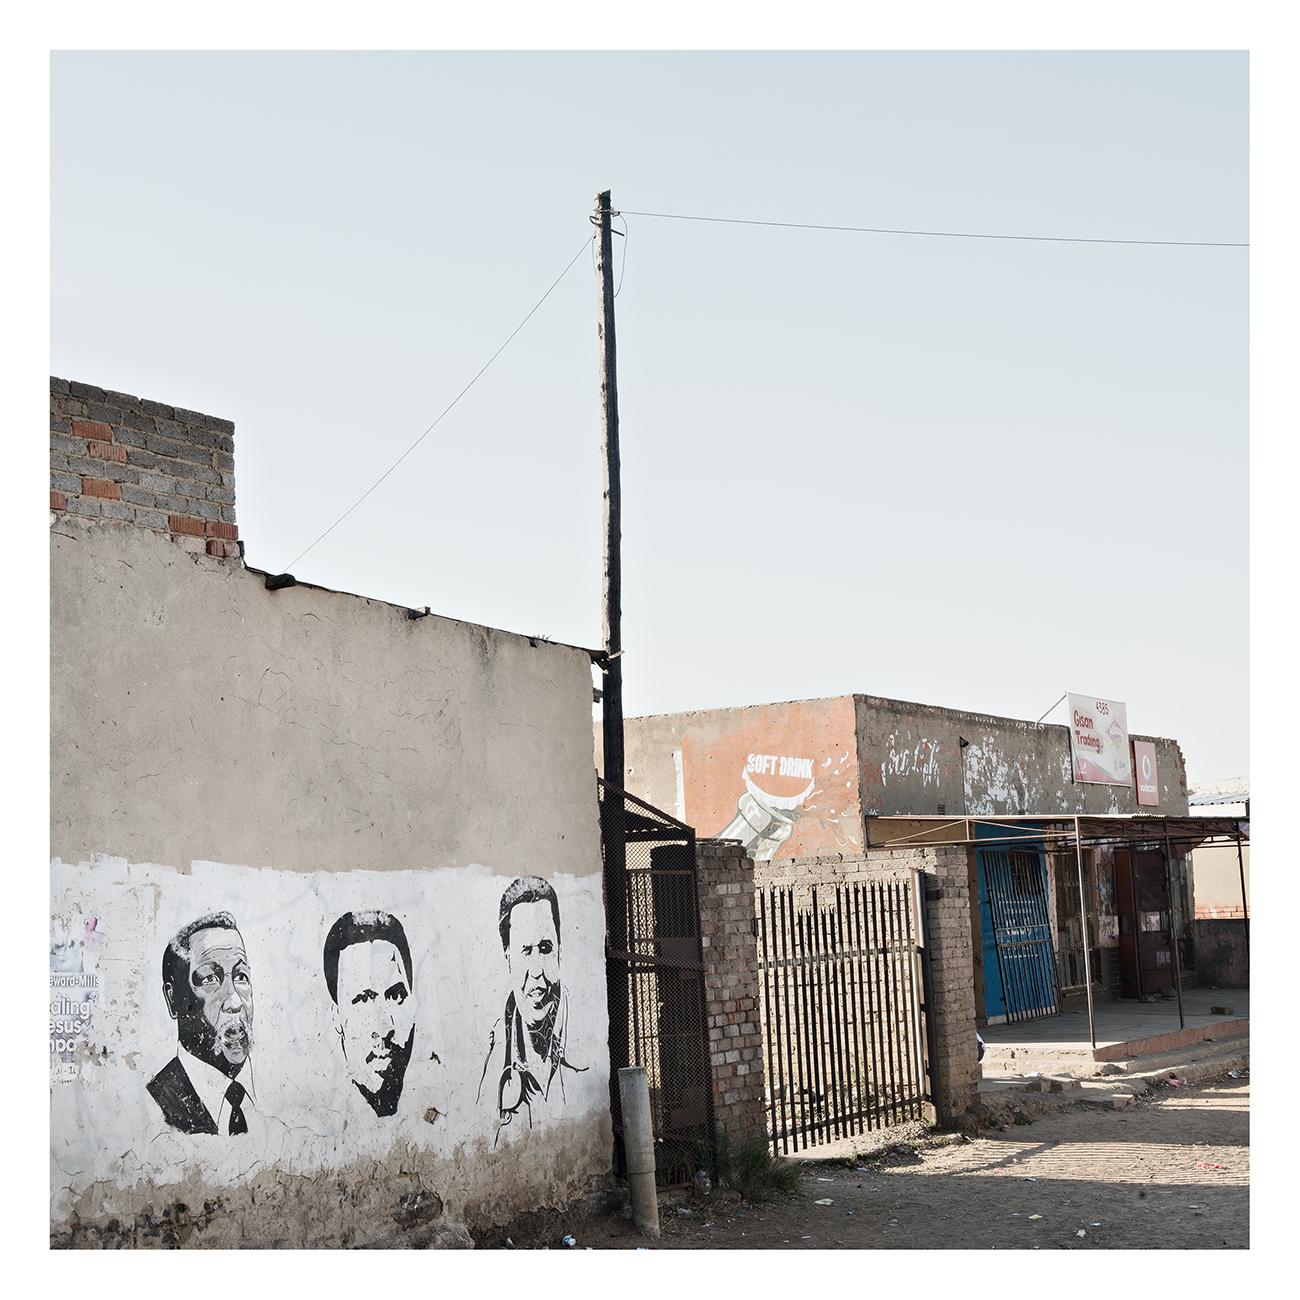 ©Jabulani Dhlamini, Recapture. Sunset shops, Vuka, Sharpville, 2015.jpg